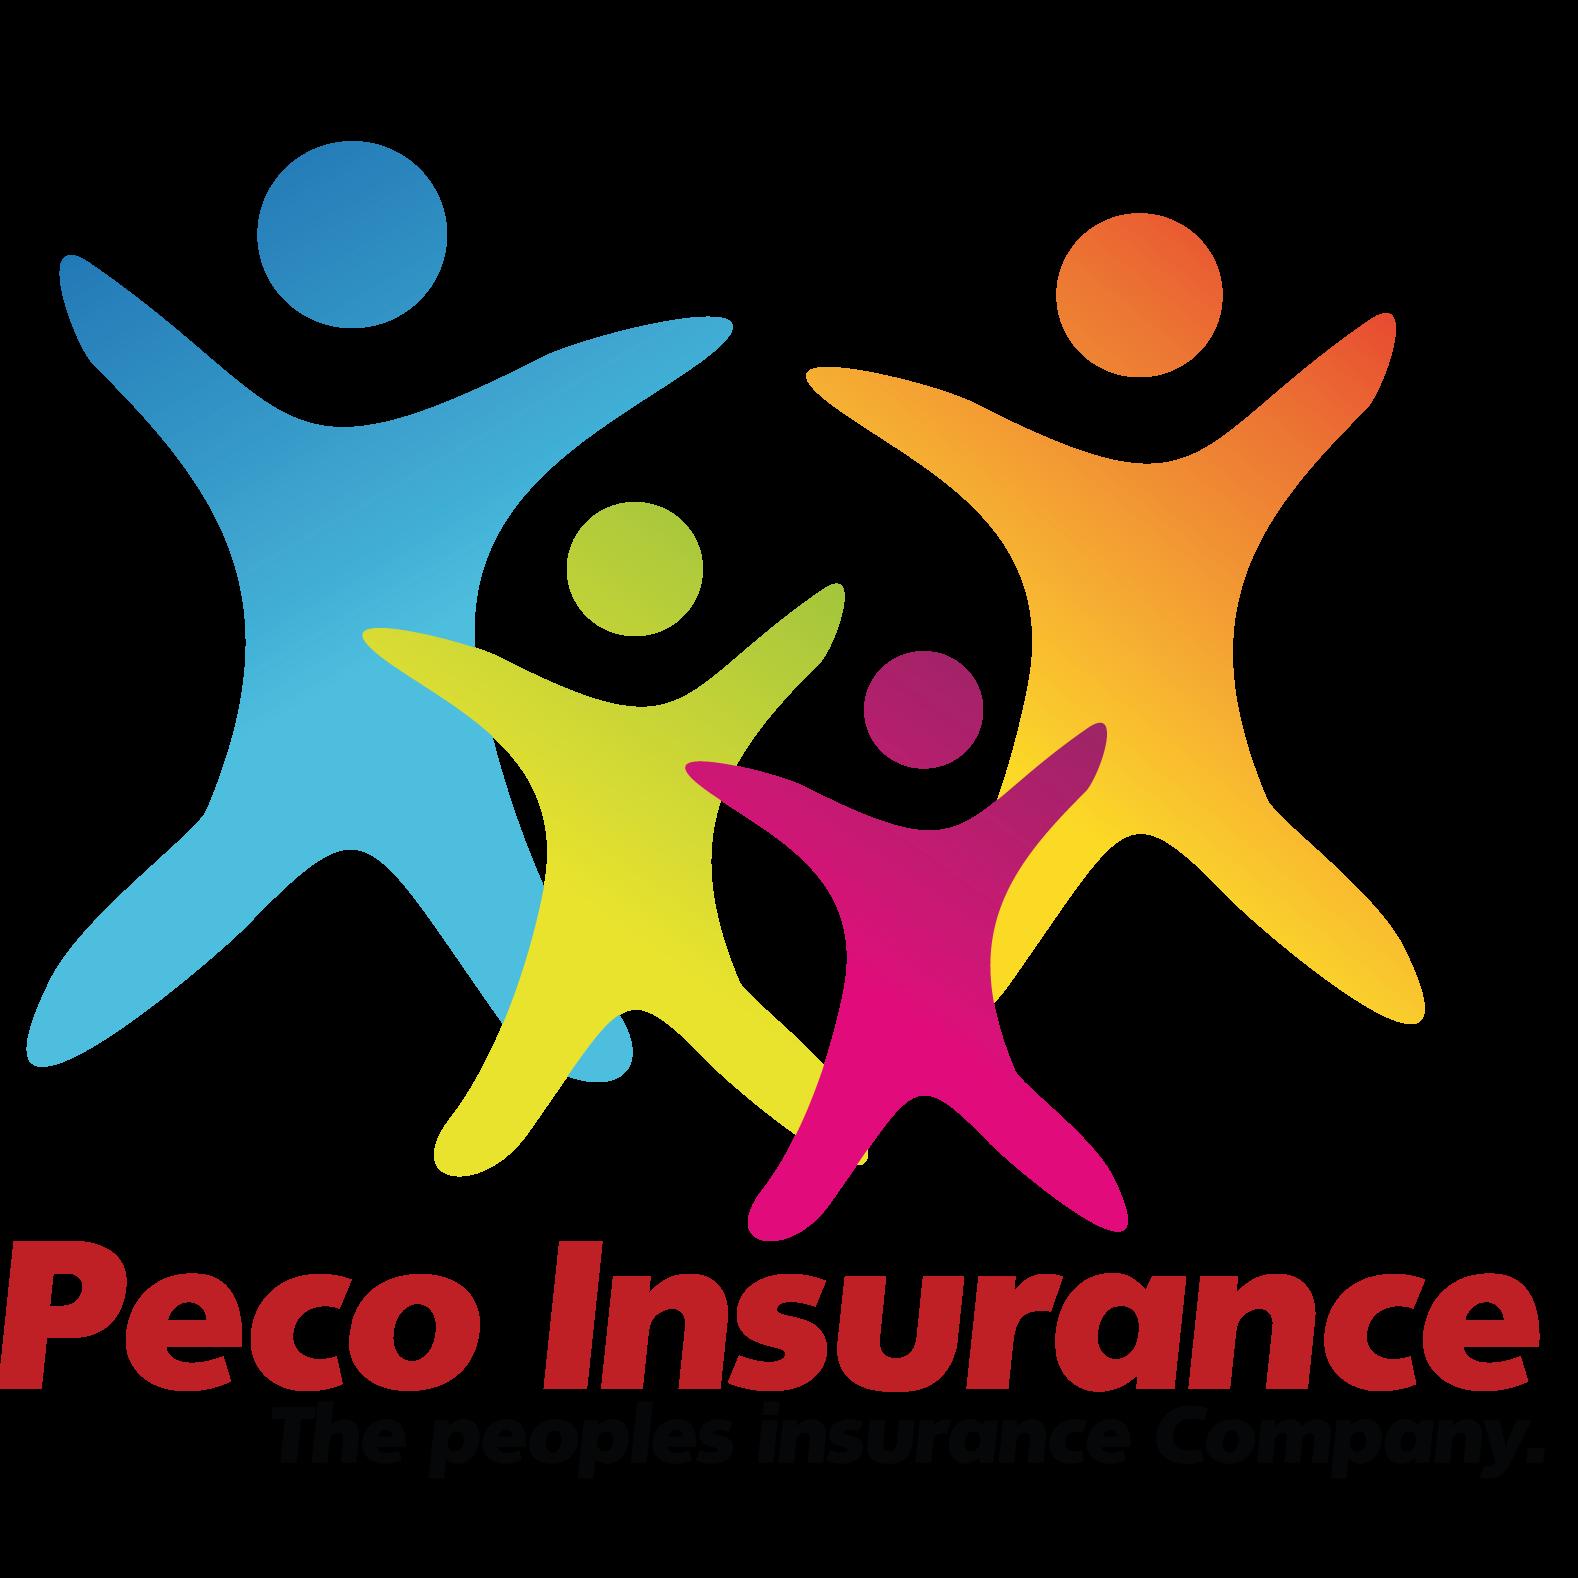 Peco Insurance